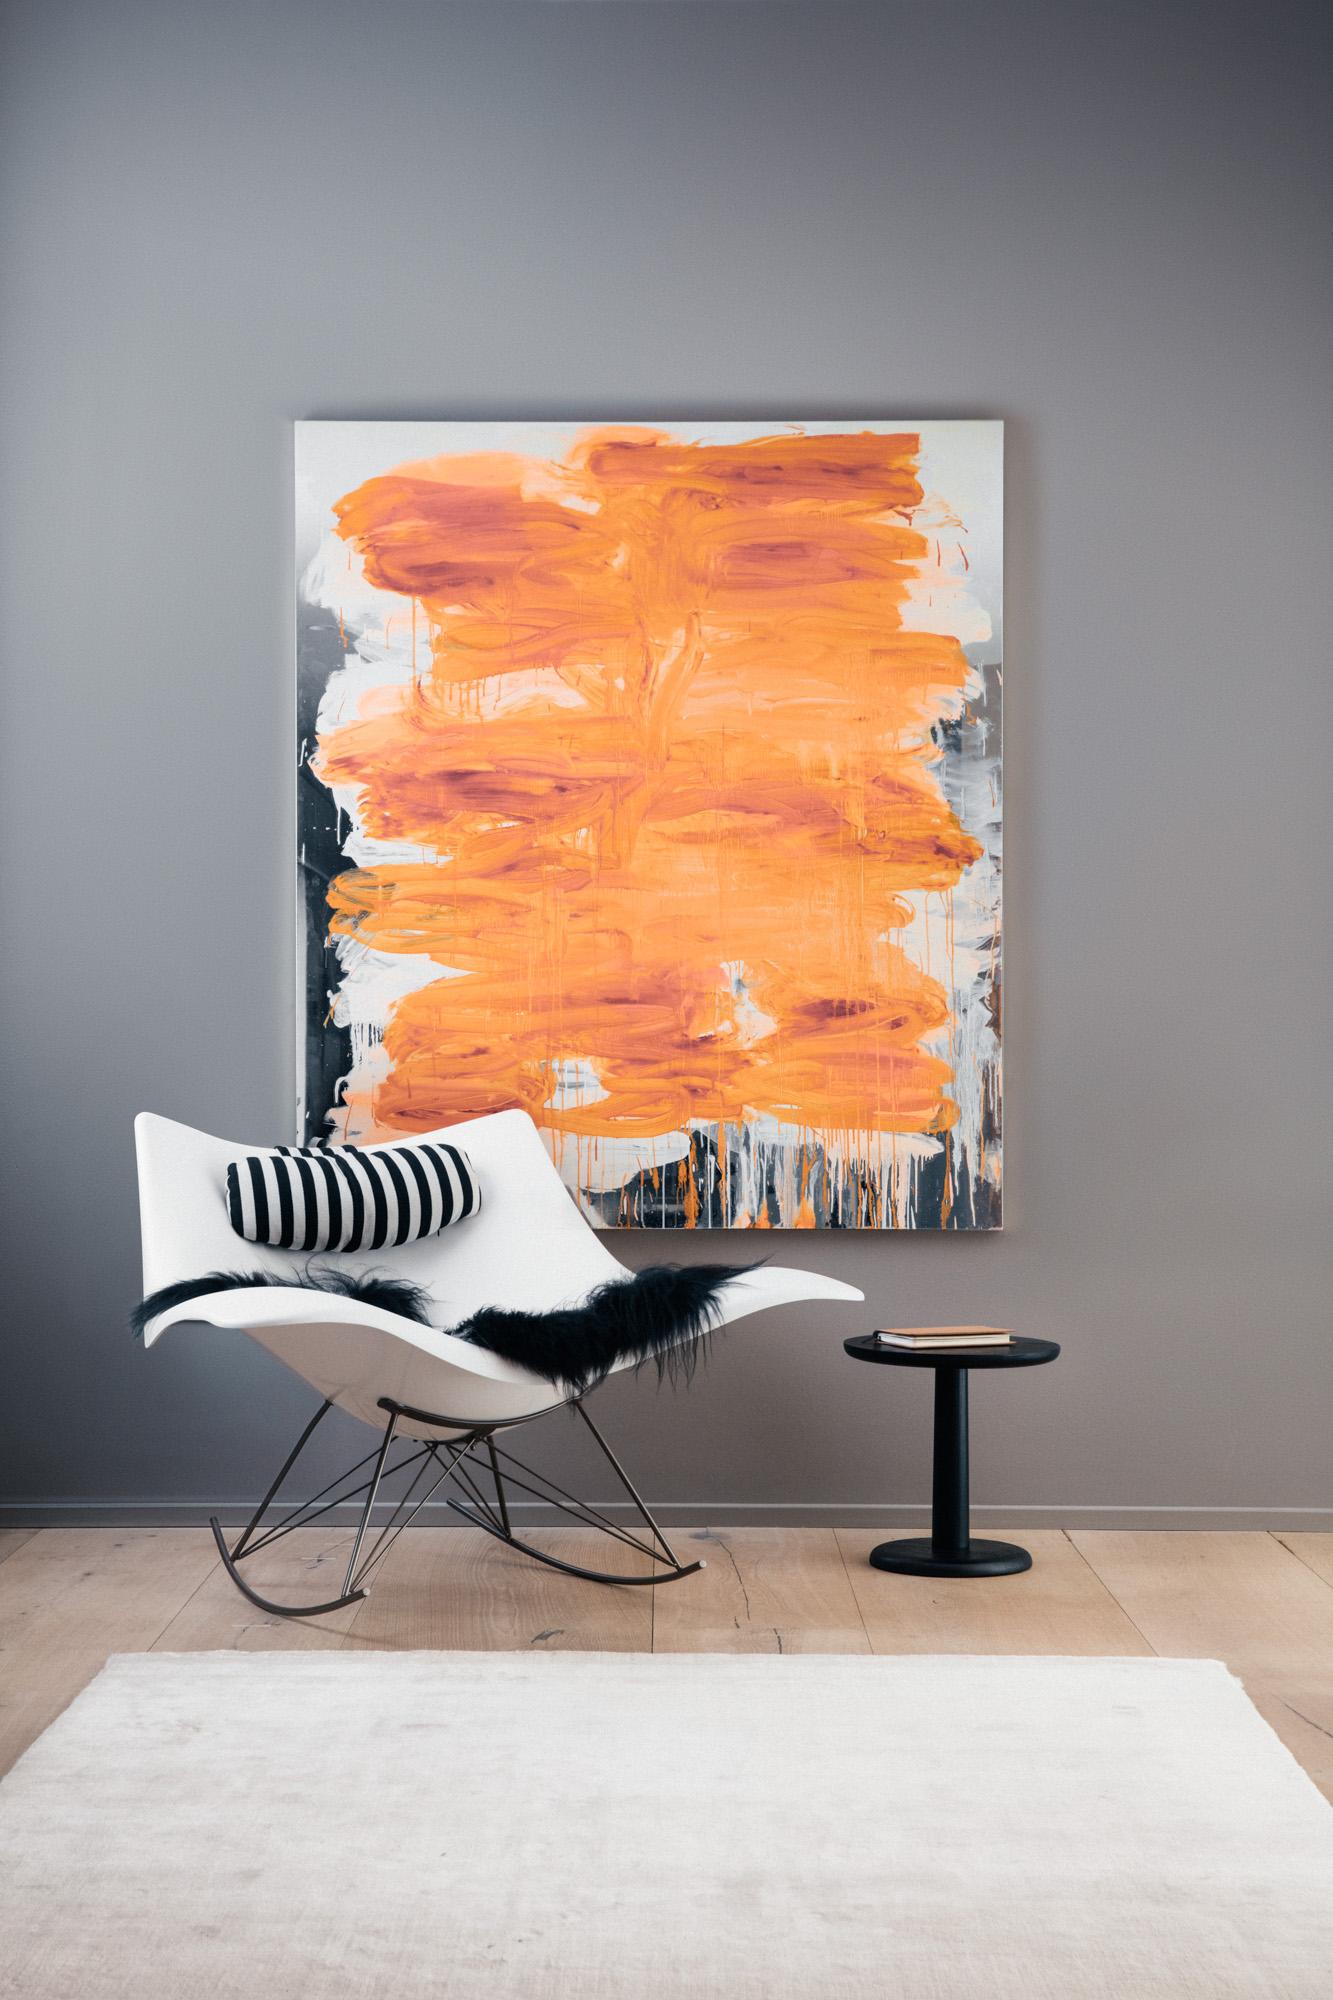 Fredericia_Furniture_19.09.17_9393-RT.jpg